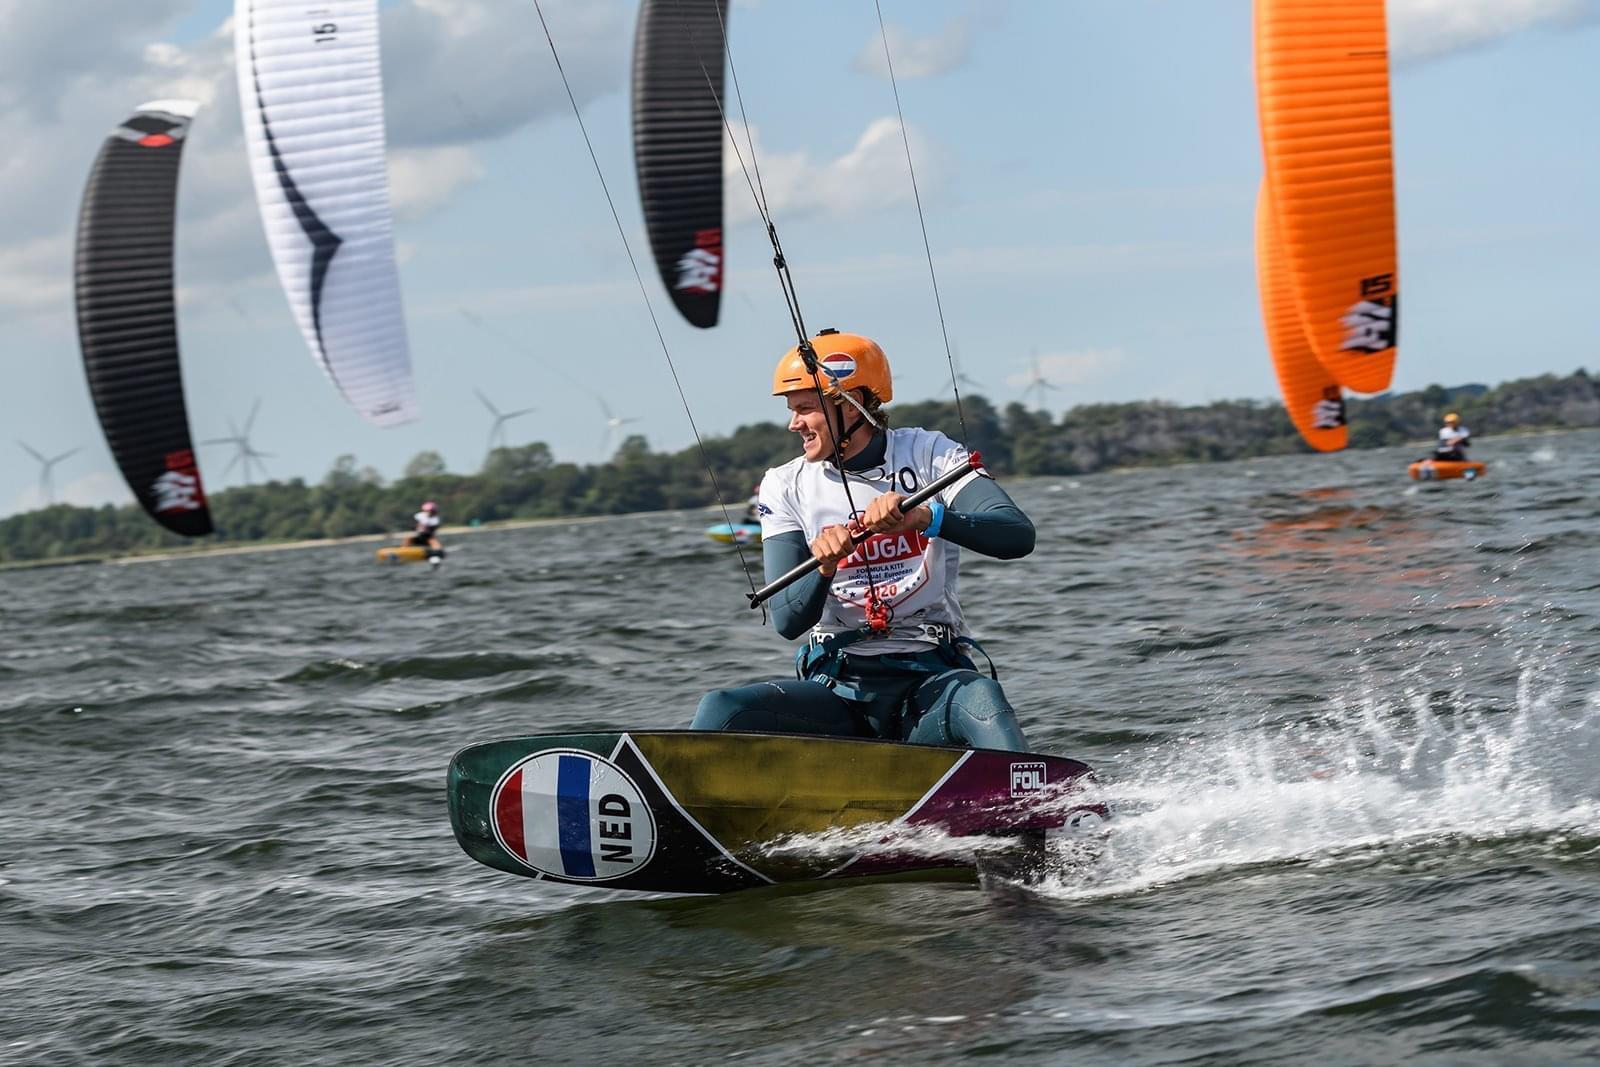 Geen hoge sprongen meer, Sven van der Kamp hoopt als kitefoiler Olympische Spelen te halen: Snelheid in plaats van stunts